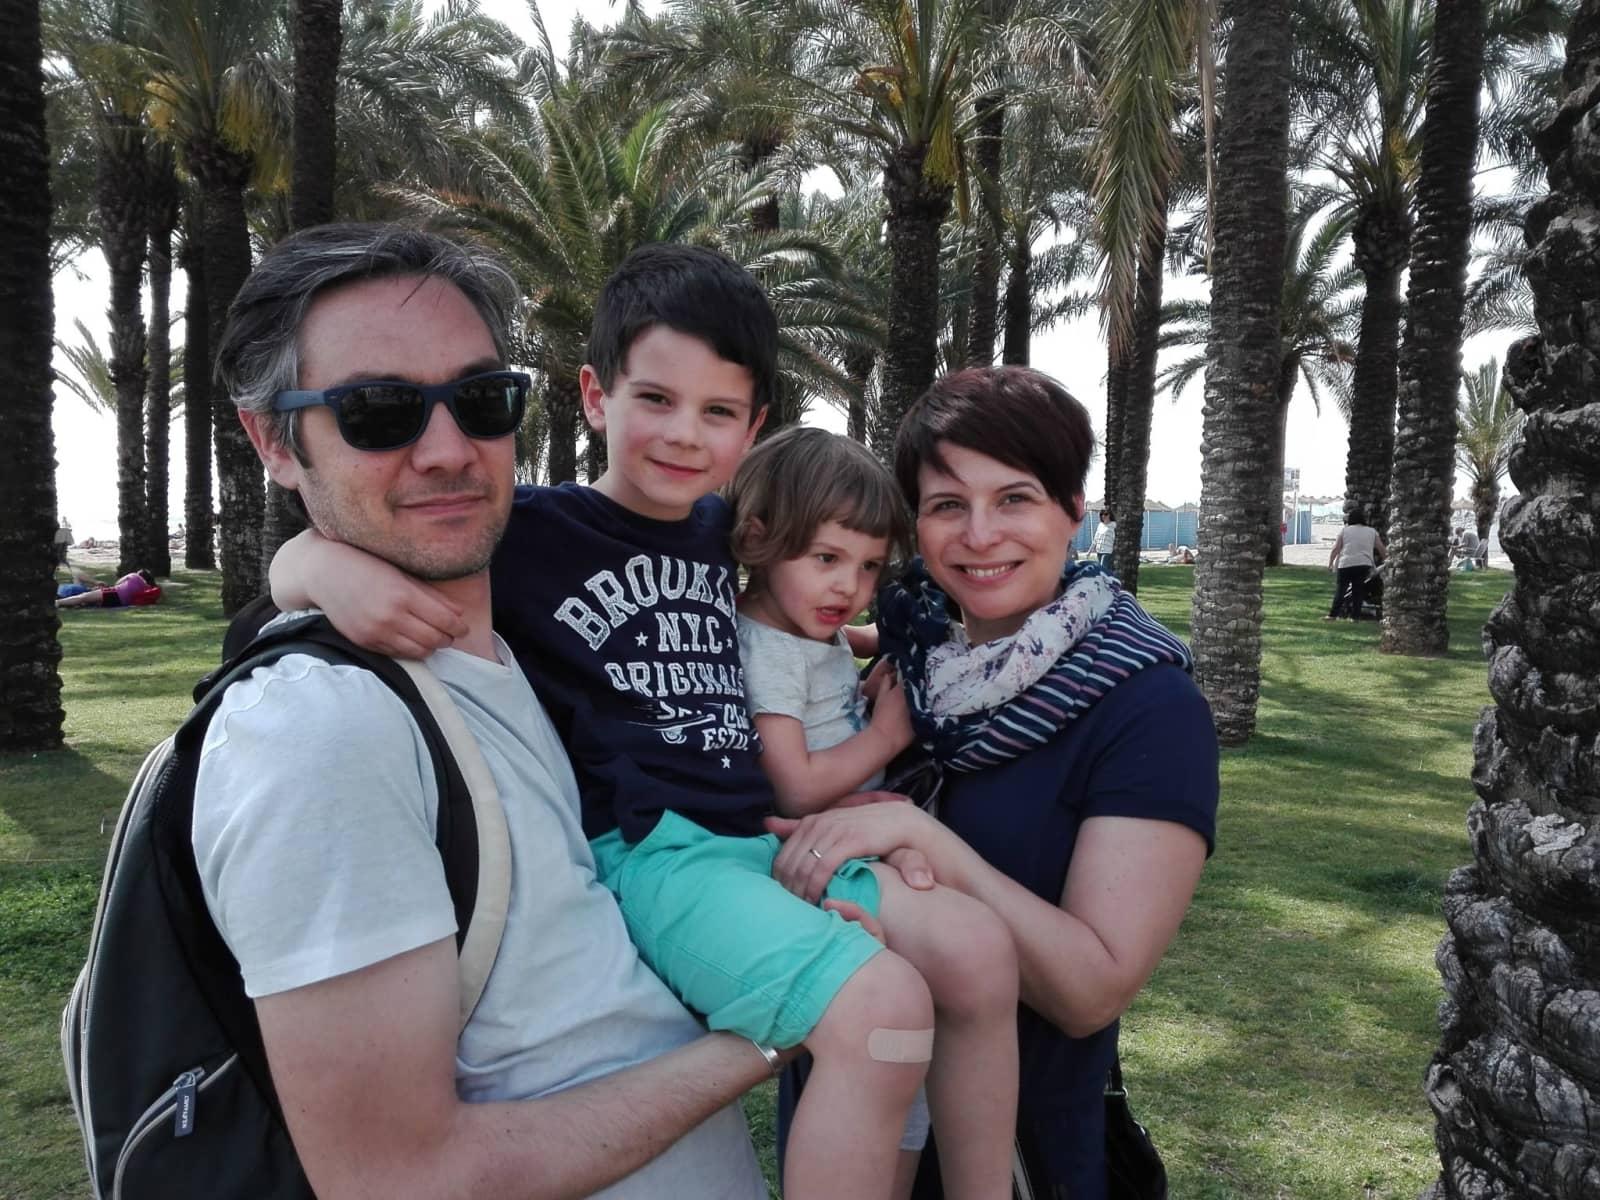 Eleonora & Alessandro from Koog aan de Zaan, Netherlands